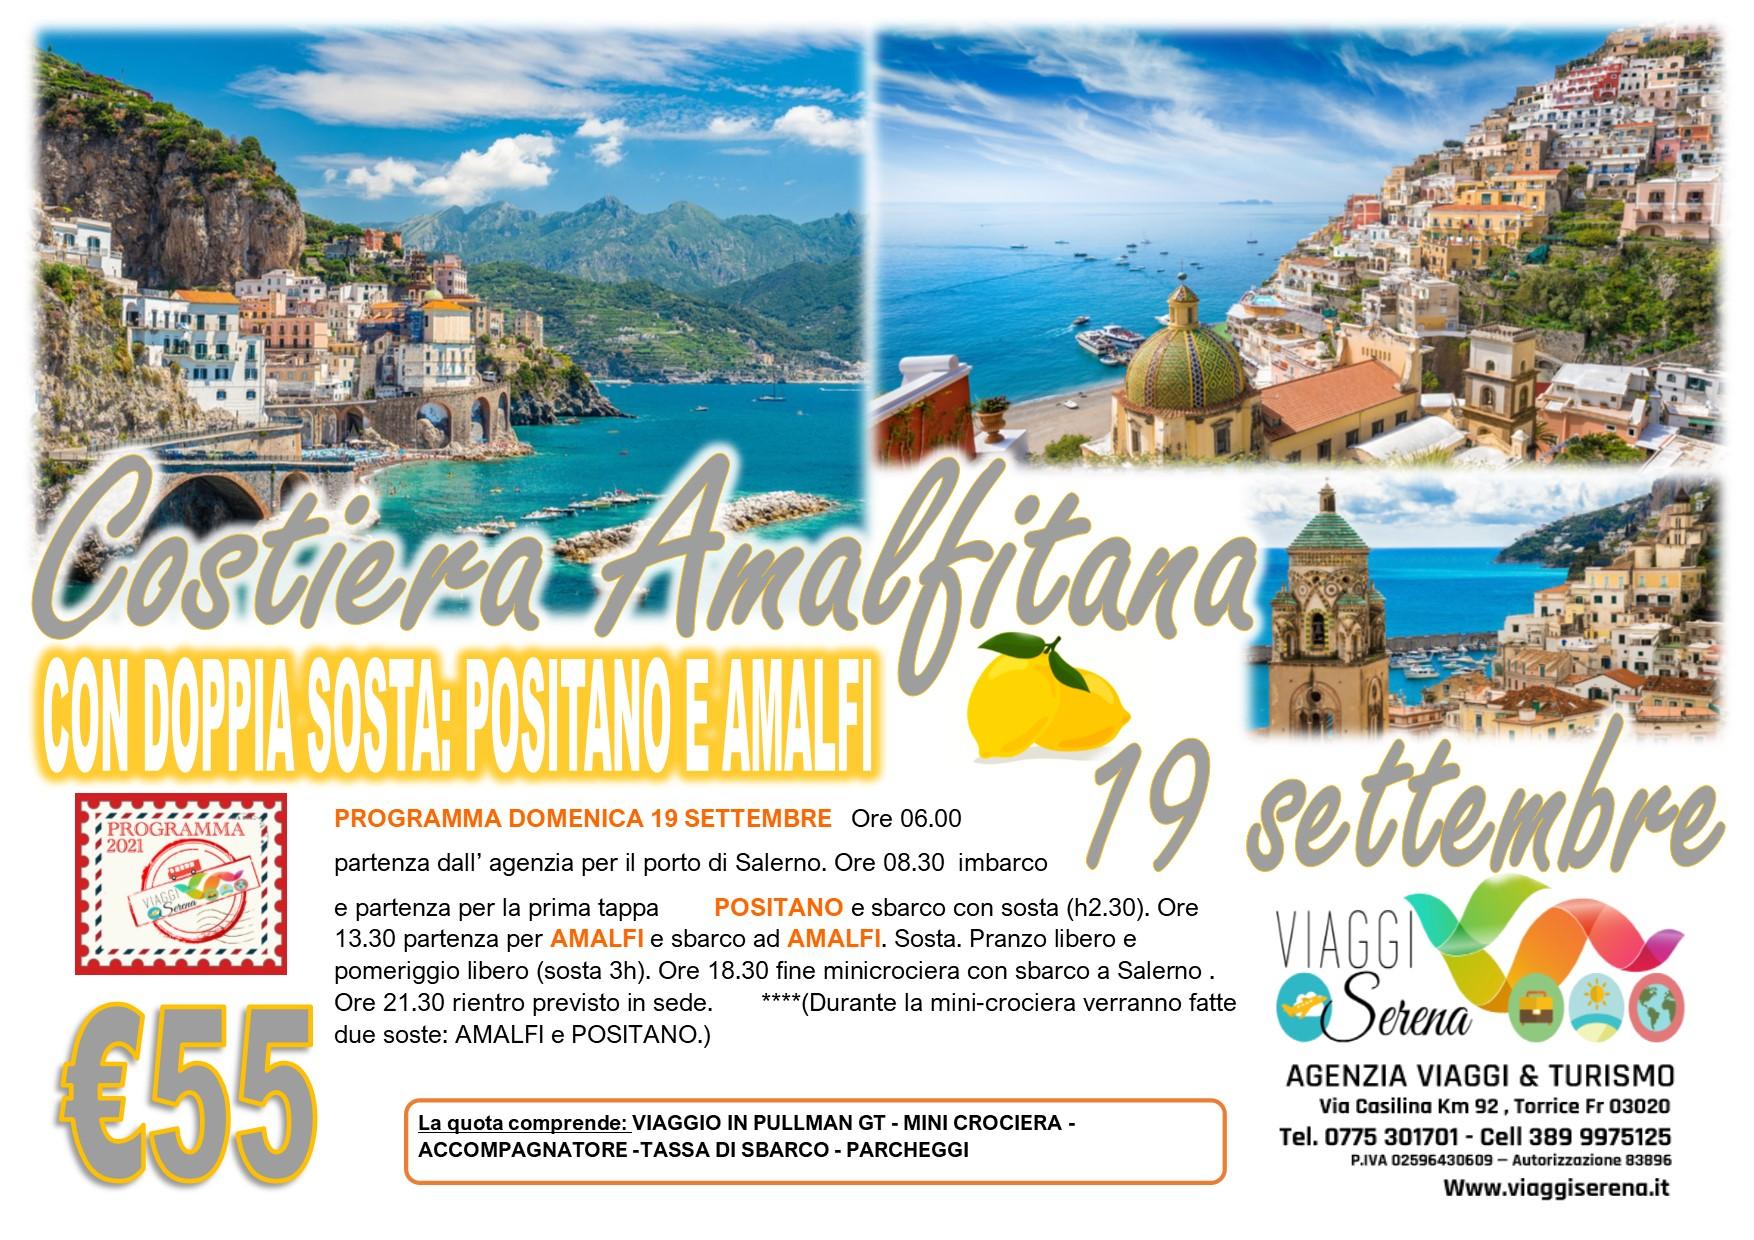 """Viaggi di Gruppo: mini crociera Costiera Amalfitana """"Positano & Amalfi """" 19 Settembre  € 55,00"""